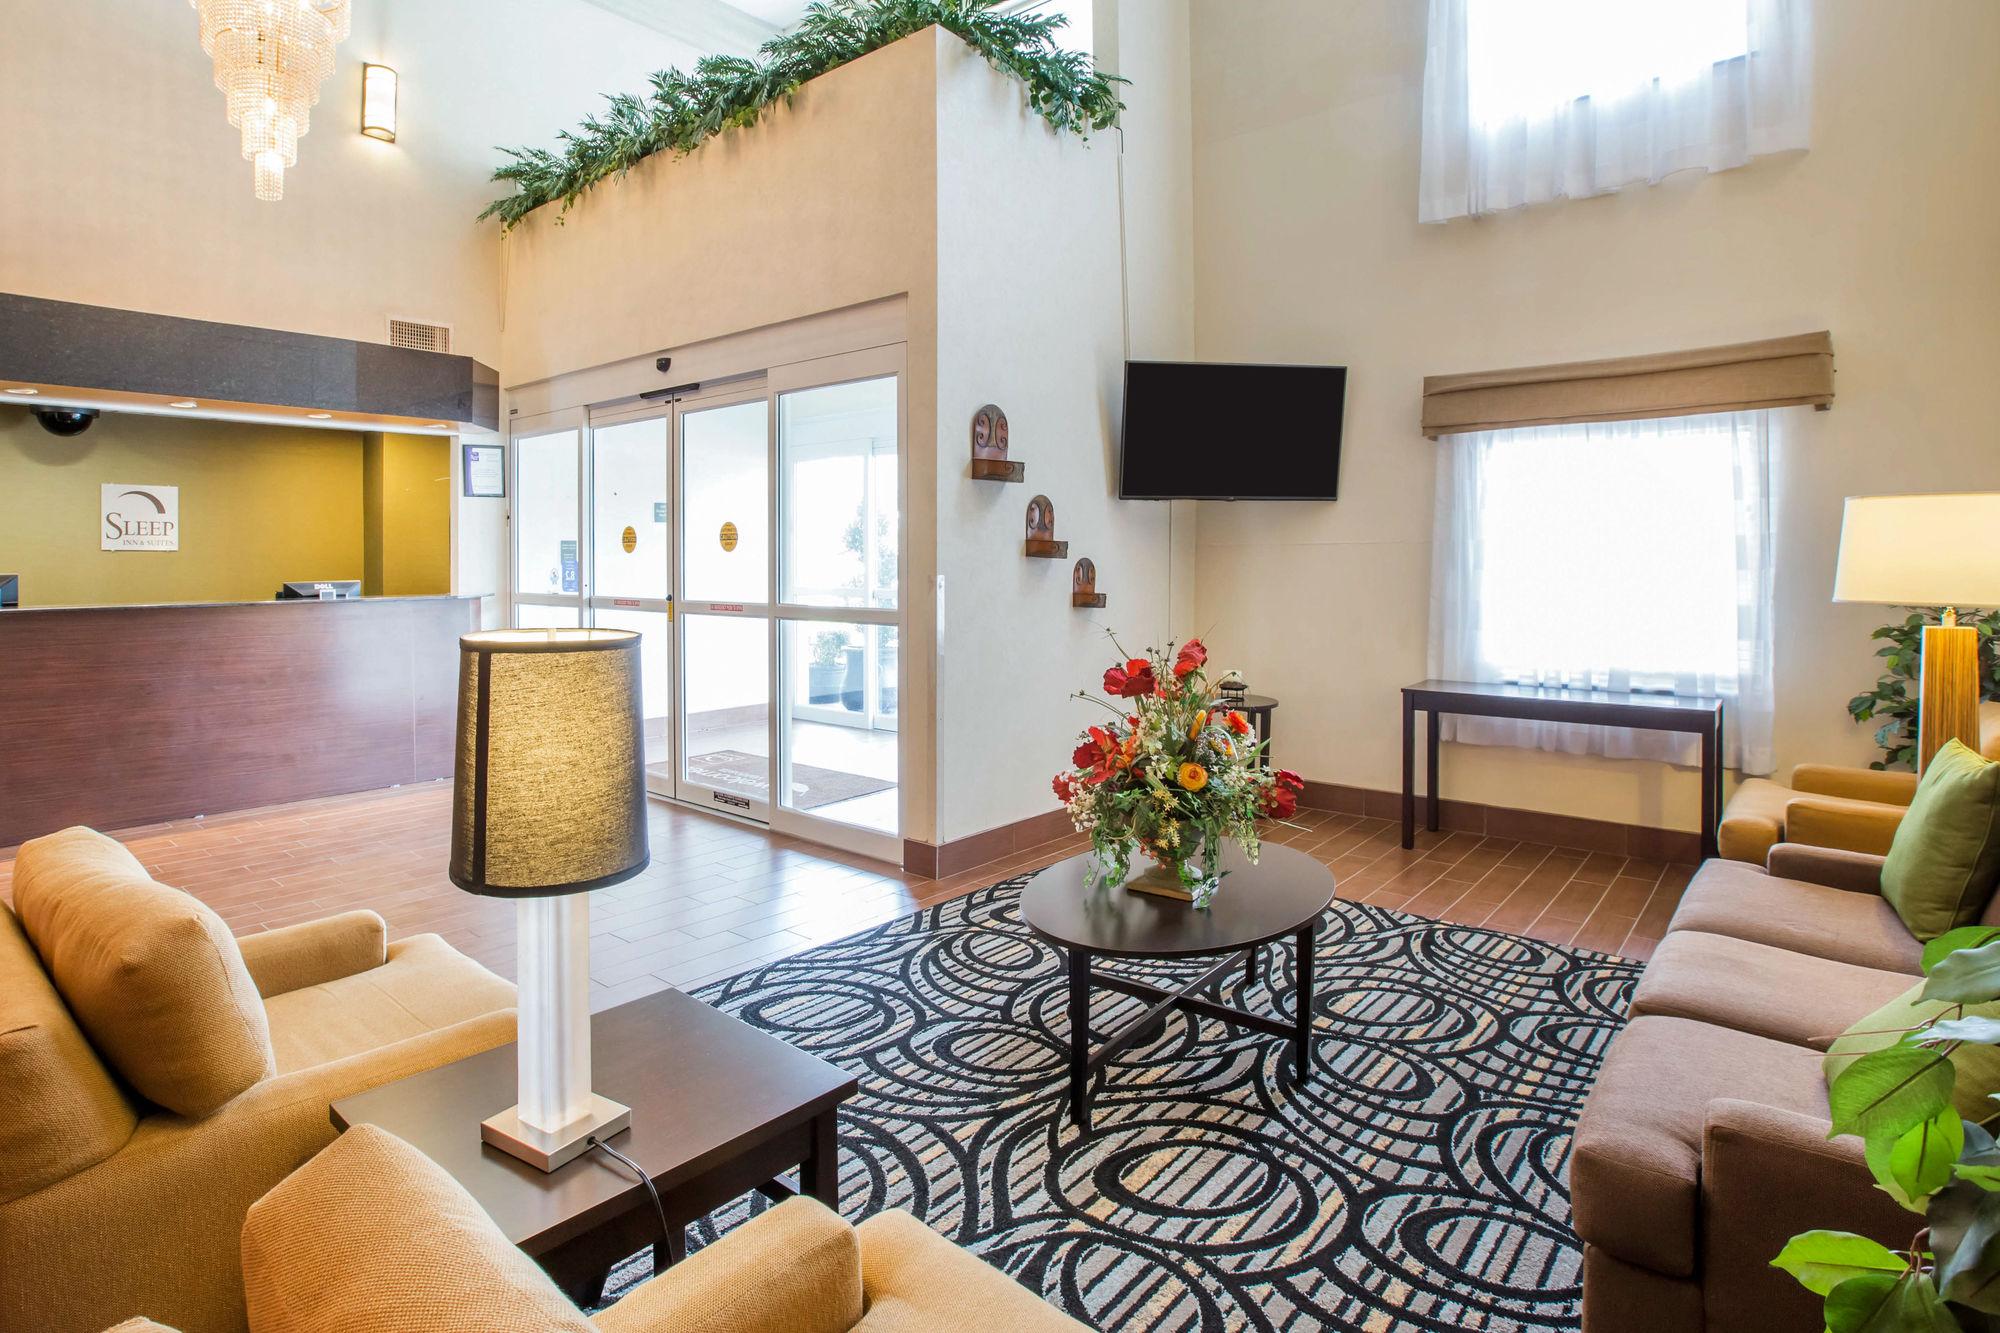 Sleep Inn And Suites Valdosta in Valdosta, GA